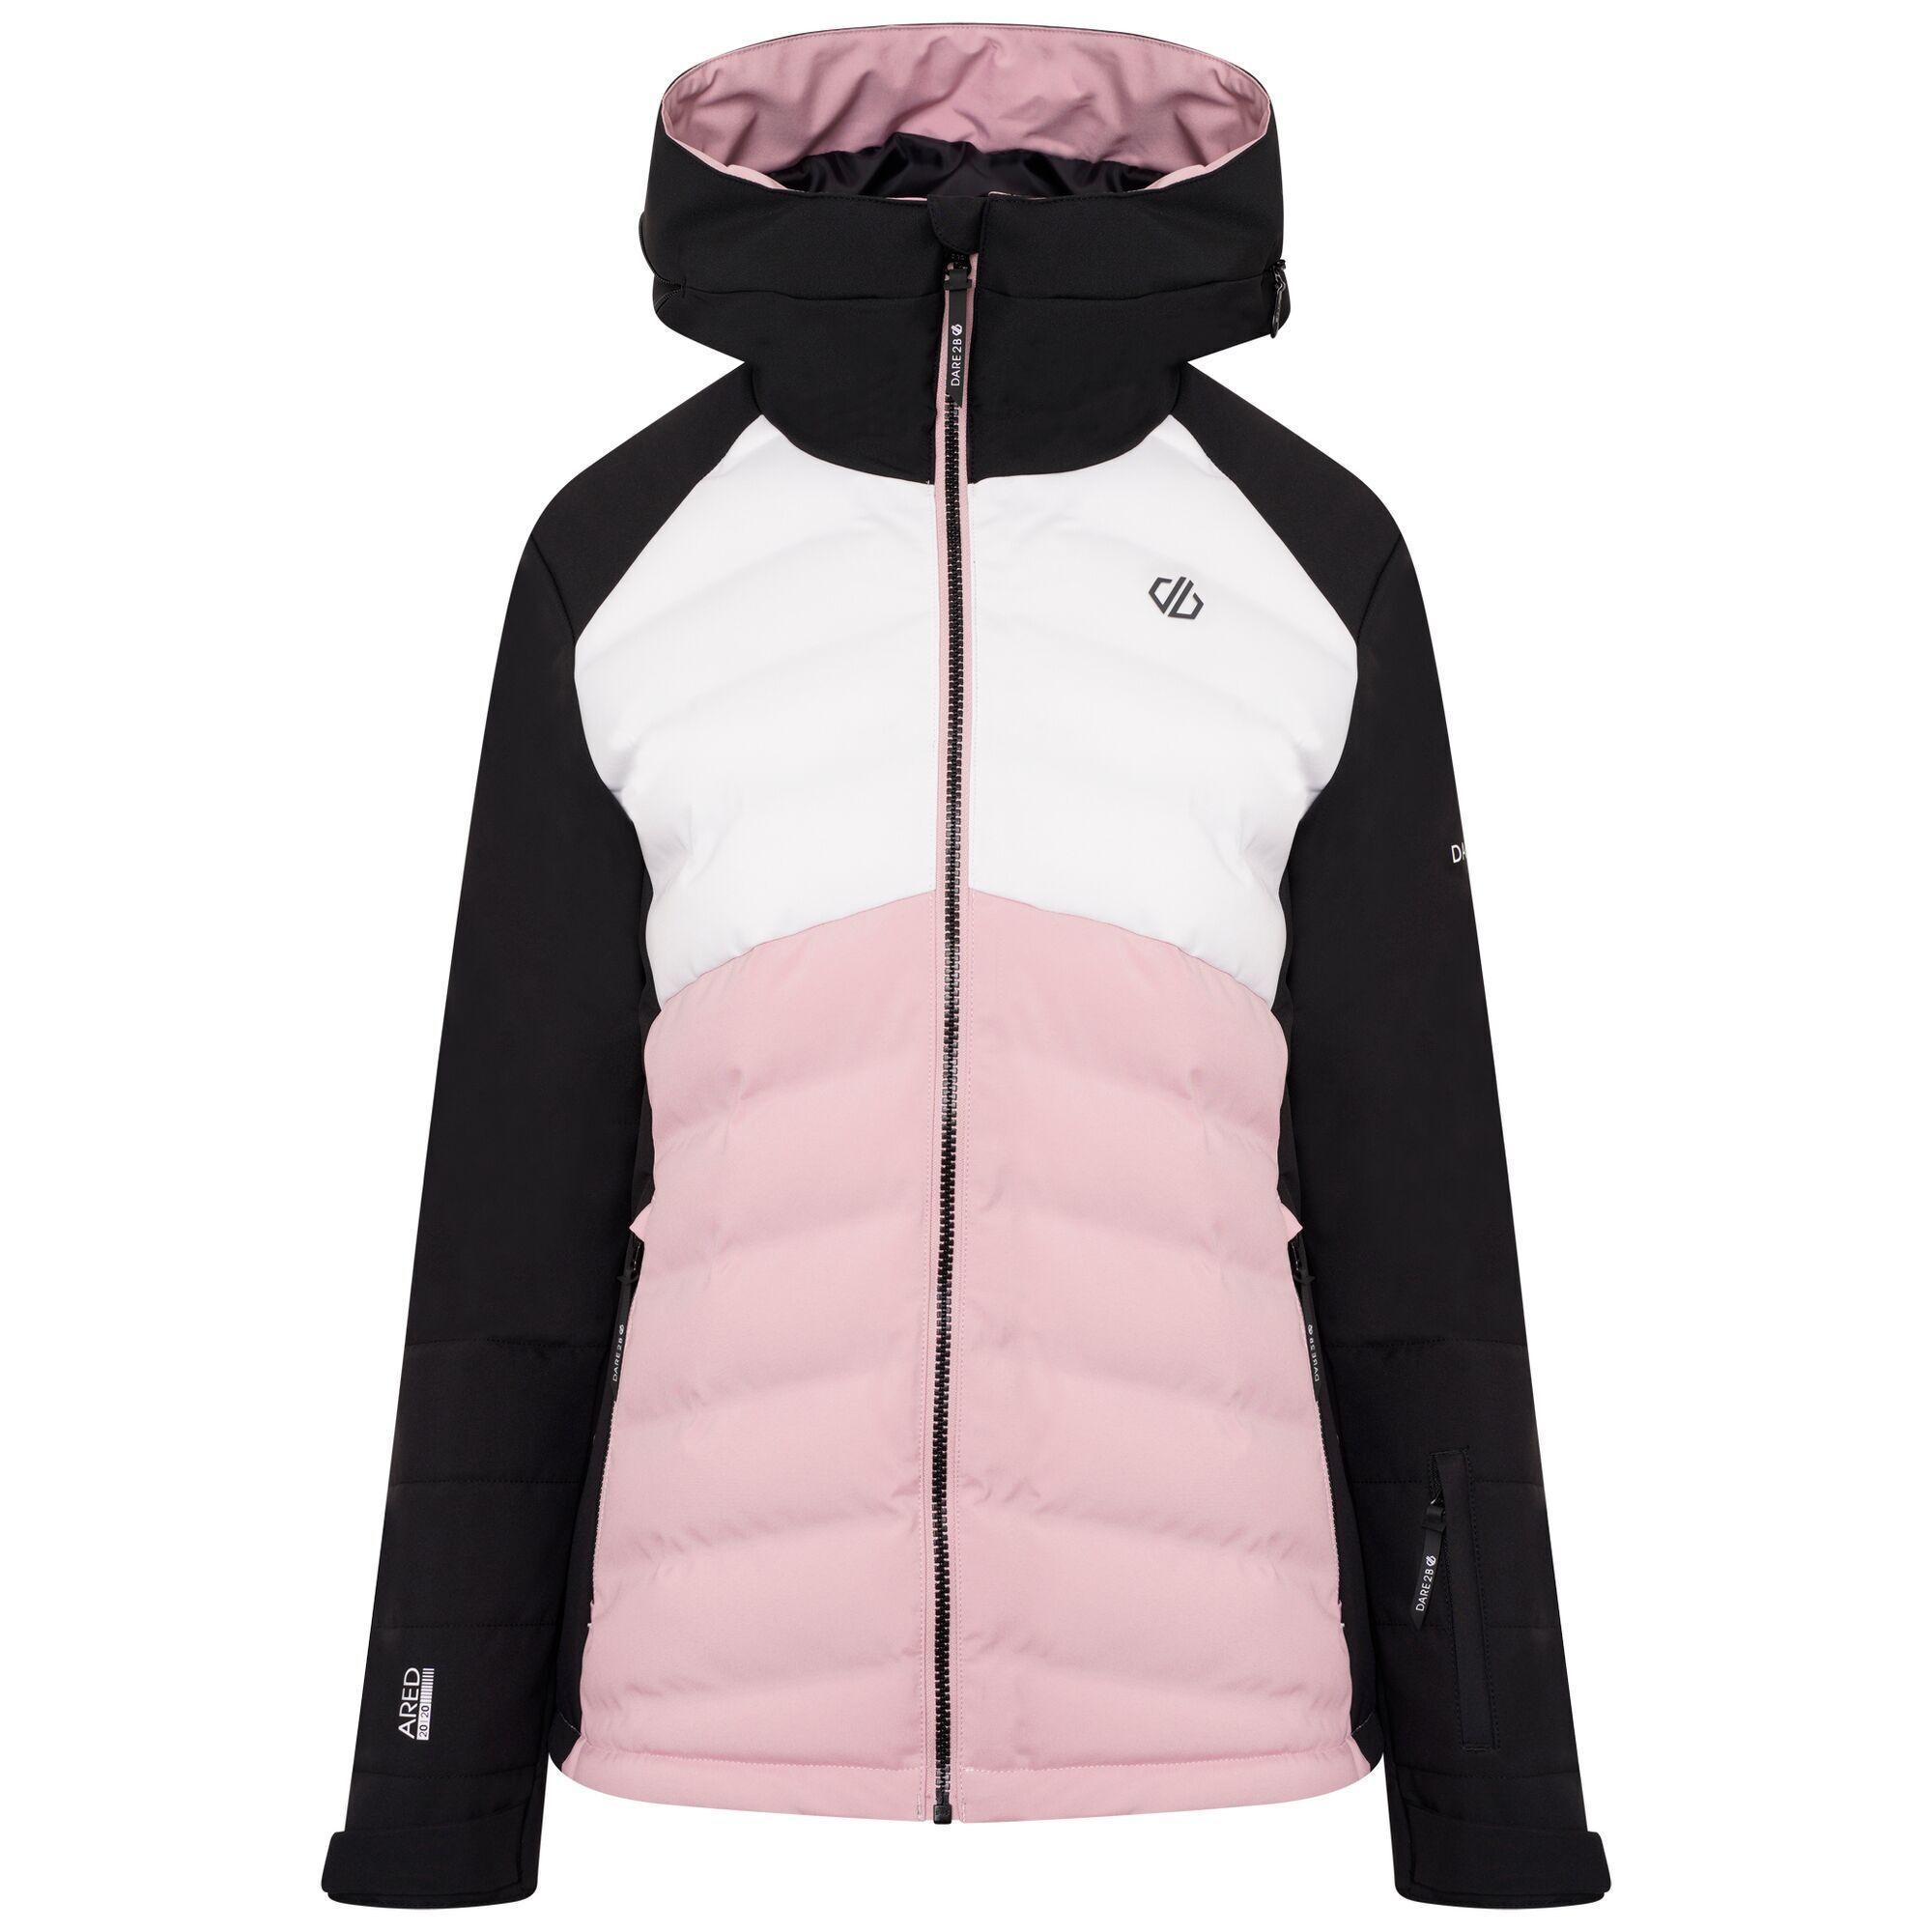 Dare 2B Womens/Ladies Coded Insulated Ski Jacket (12 UK) (Powder Pink/Black/White)